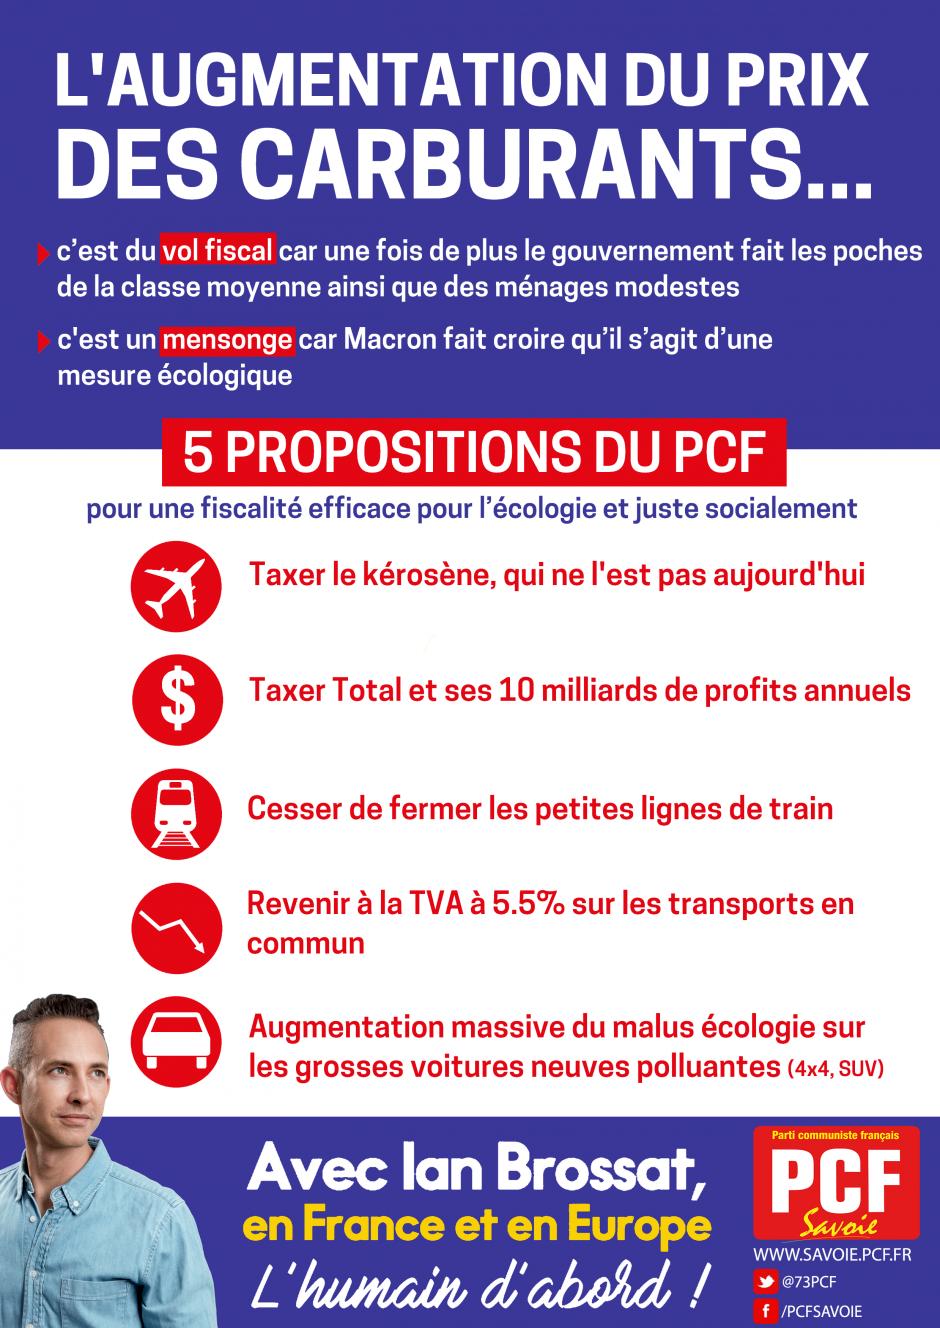 [Tract] Augmentation du prix de l'essence, 5 propositions du PCF